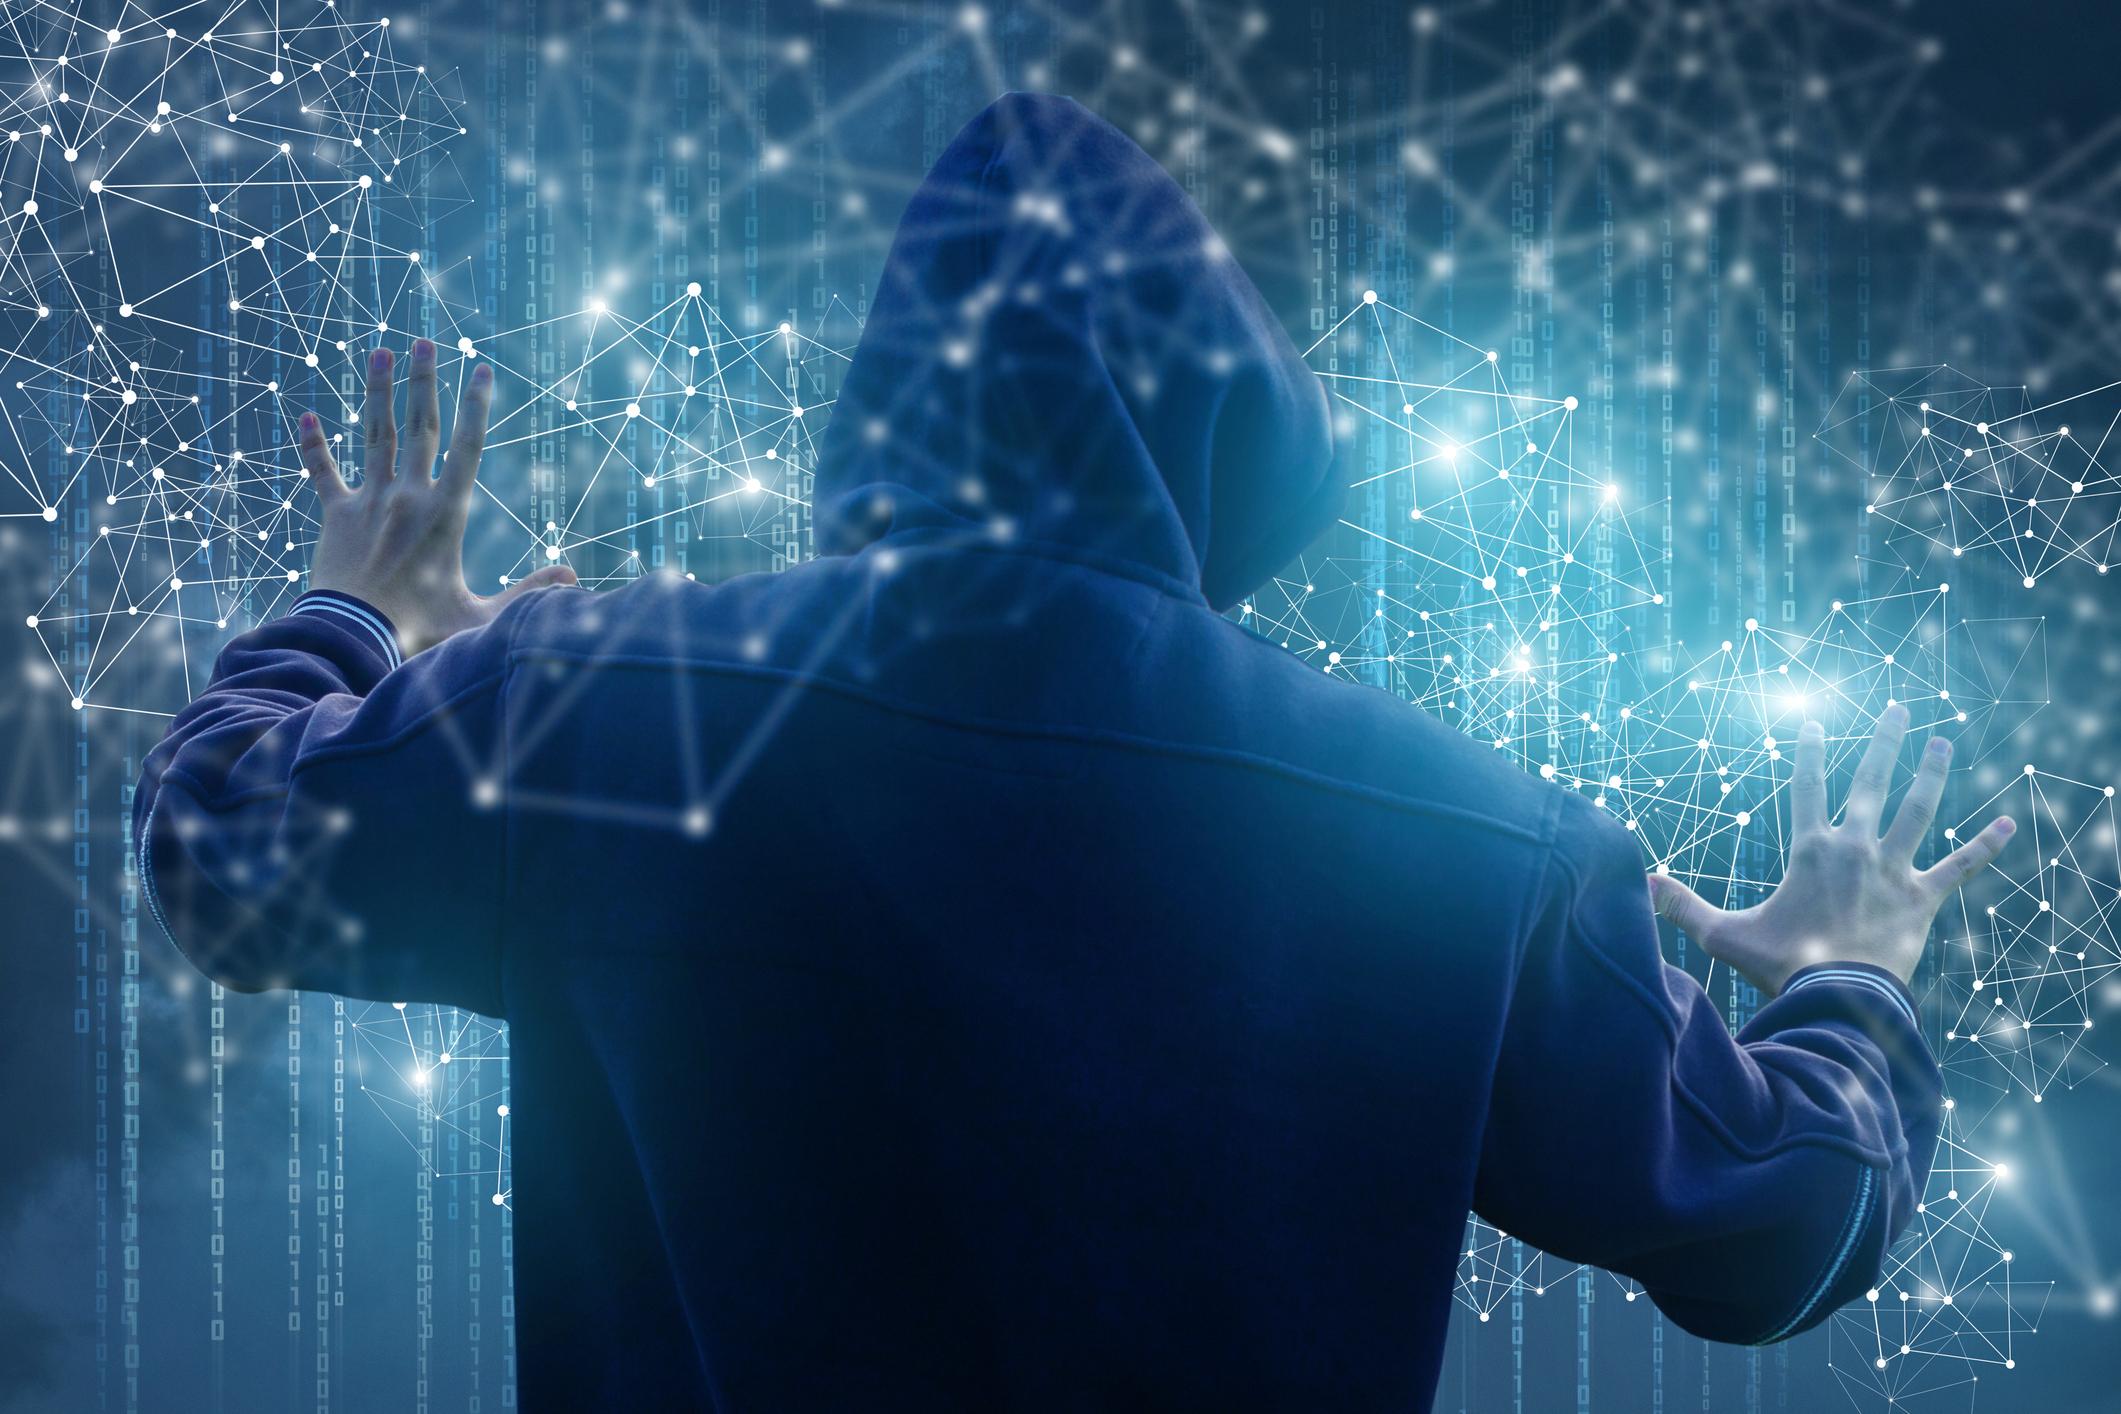 A hooded hacker inside a network.